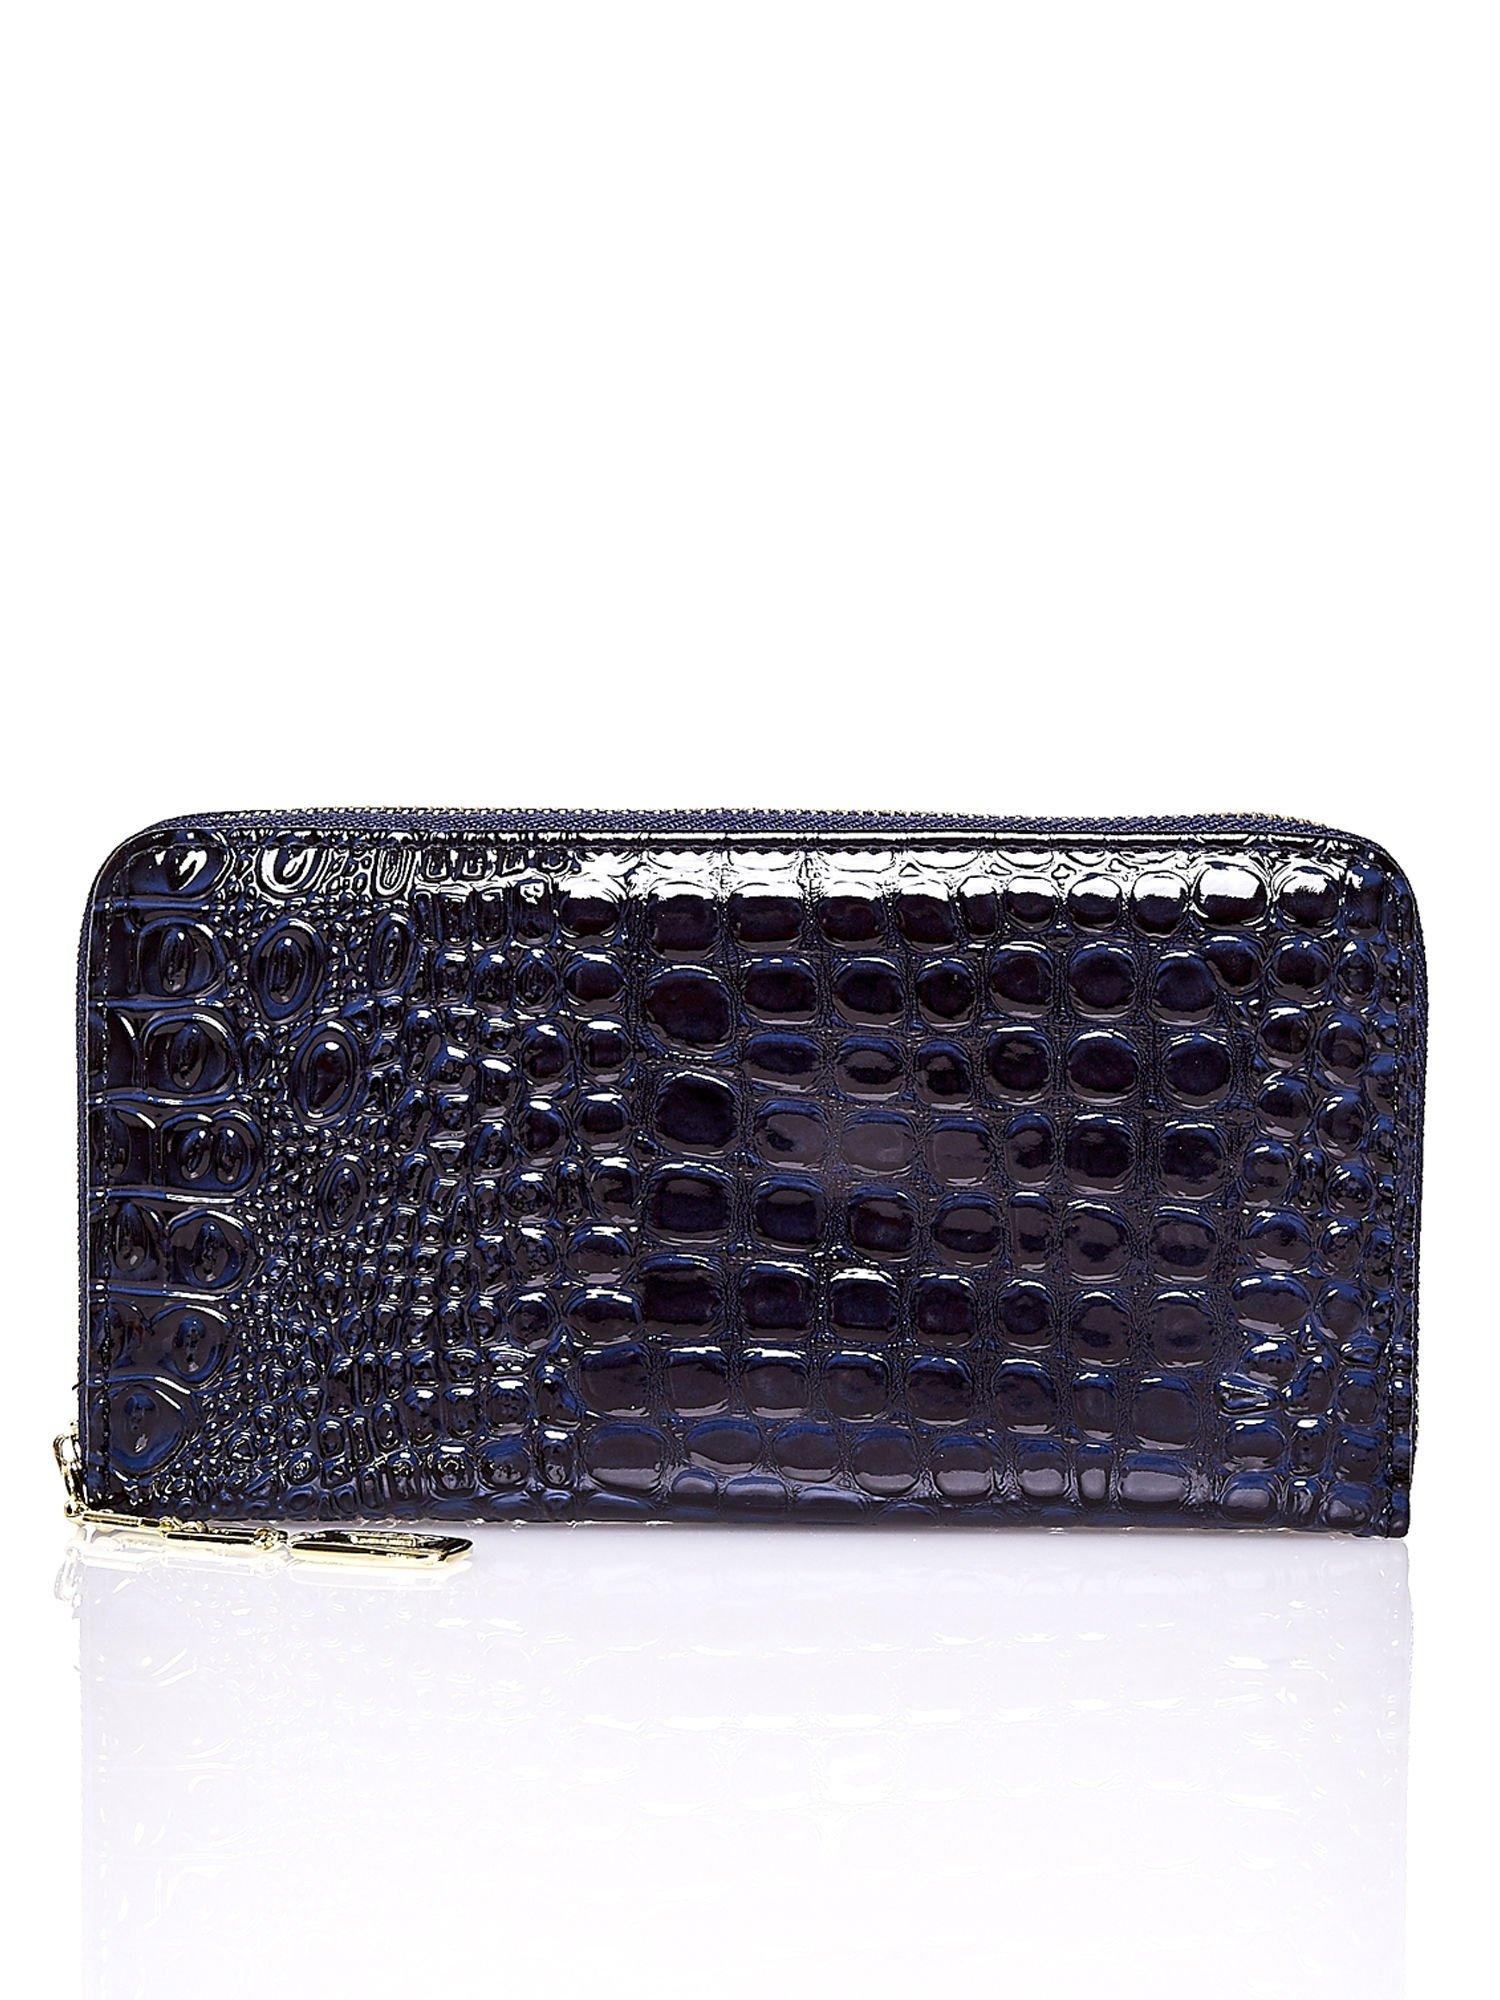 Granatowy portfel kopertówka z motywem skóry krokodyla                                  zdj.                                  1